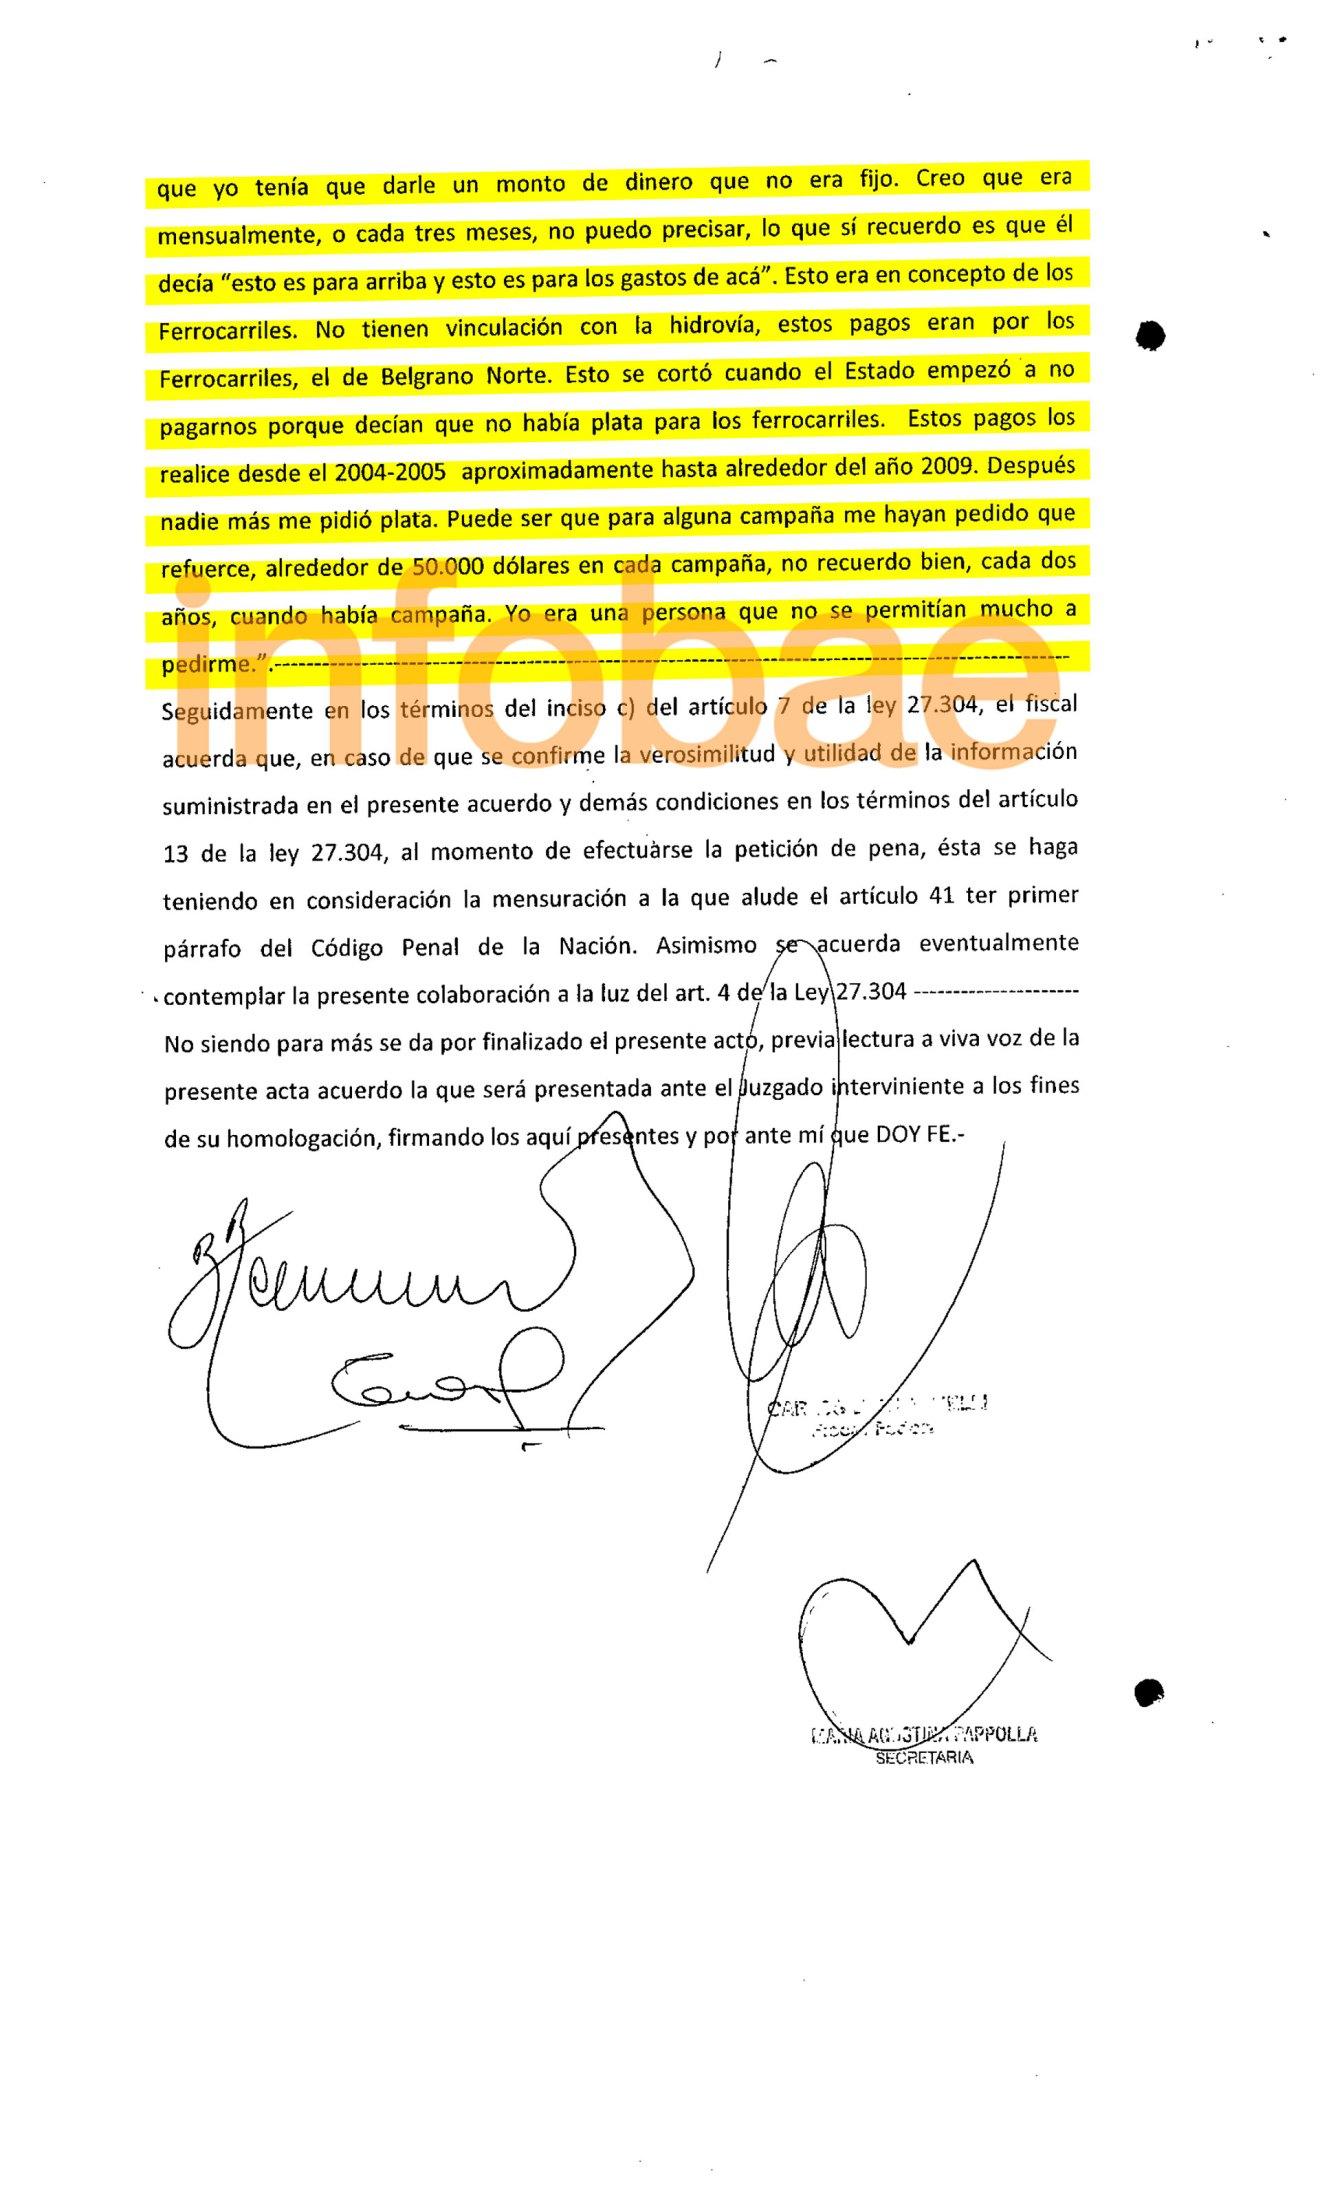 Declaracion-ROMERO-19